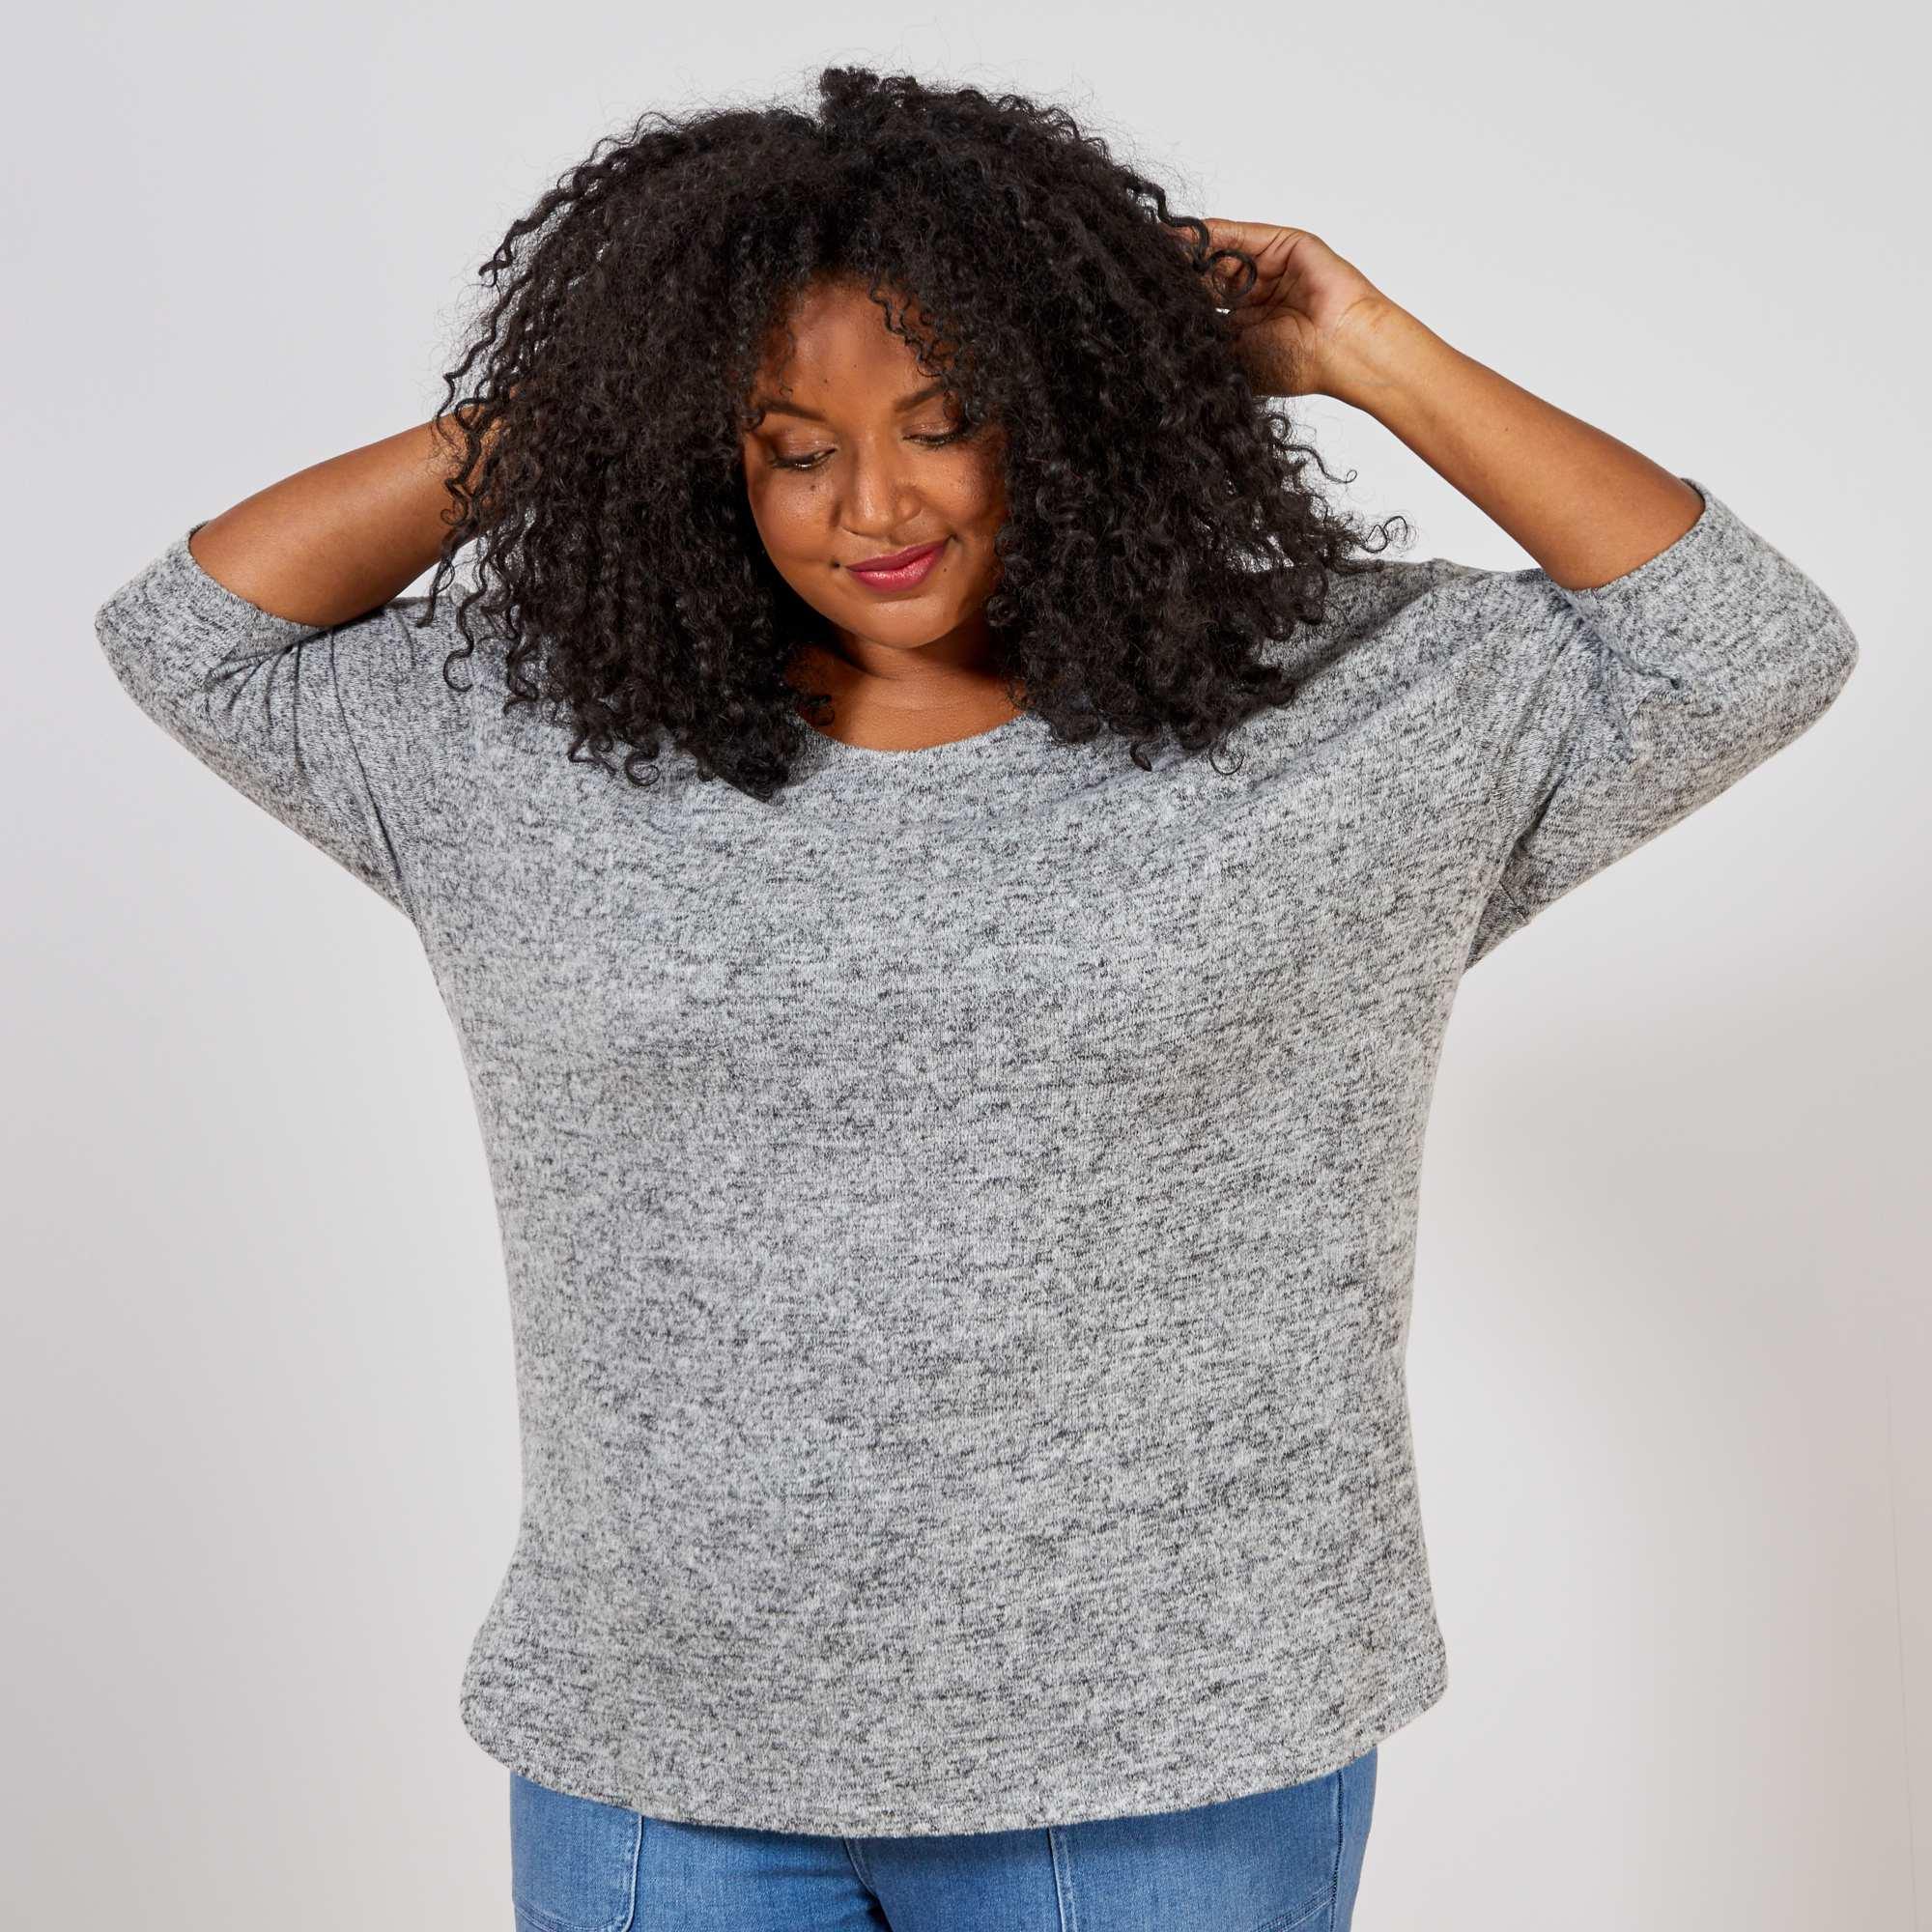 Couleur : gris, , ,, - Taille : 54/56, 46/48, 58/60,50/52,Une coupe loose ultra-confortable et agréable à porter vous allez craquer ! - Pull